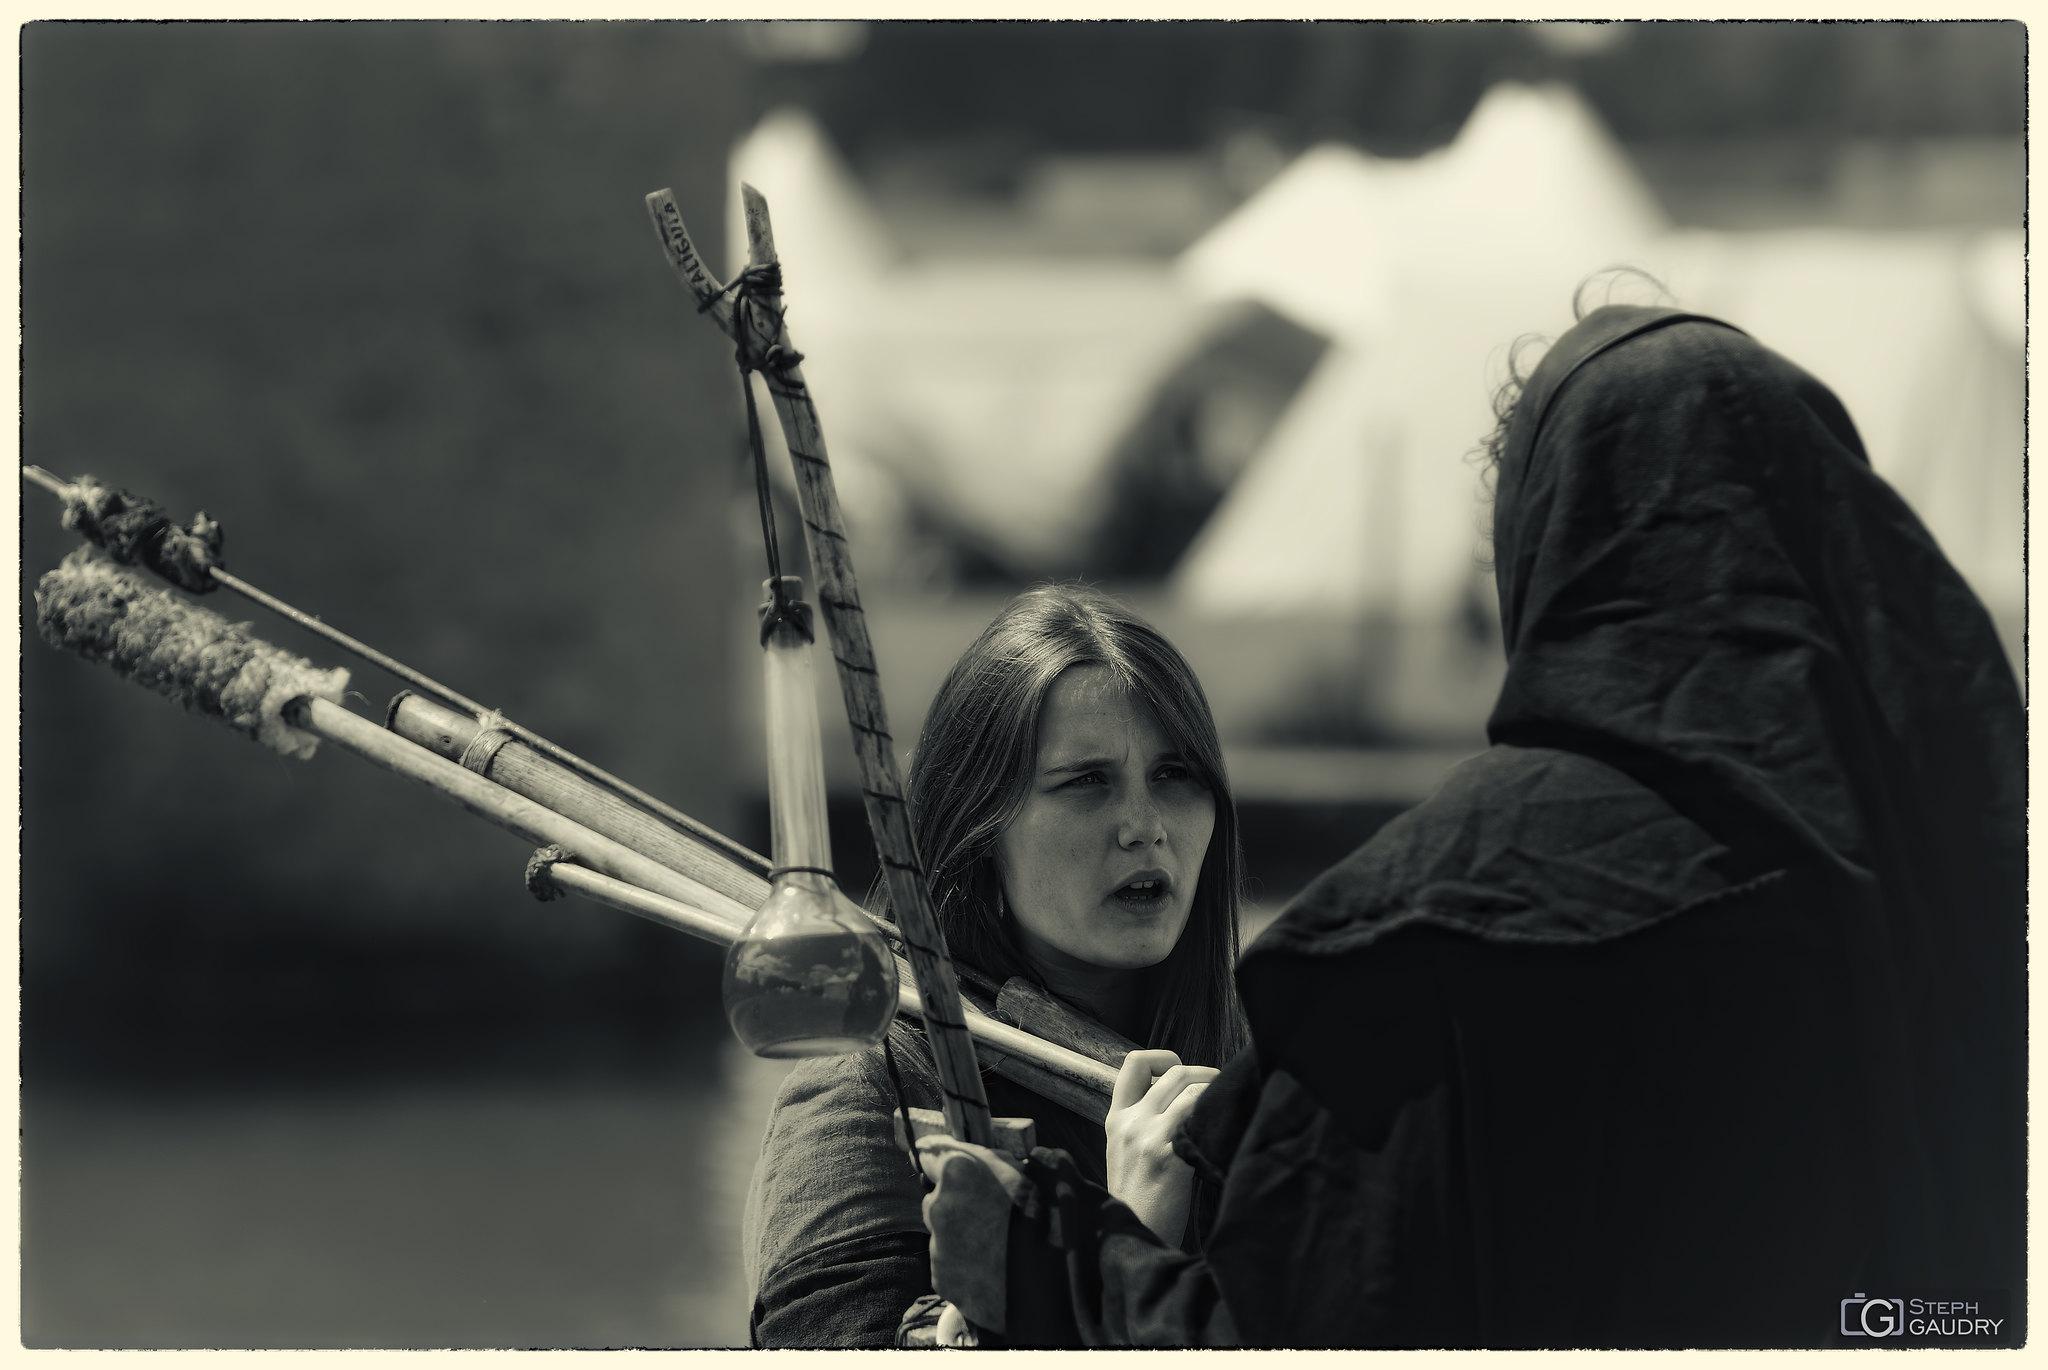 Le nécromancien et la sorcière [Click to start slideshow]